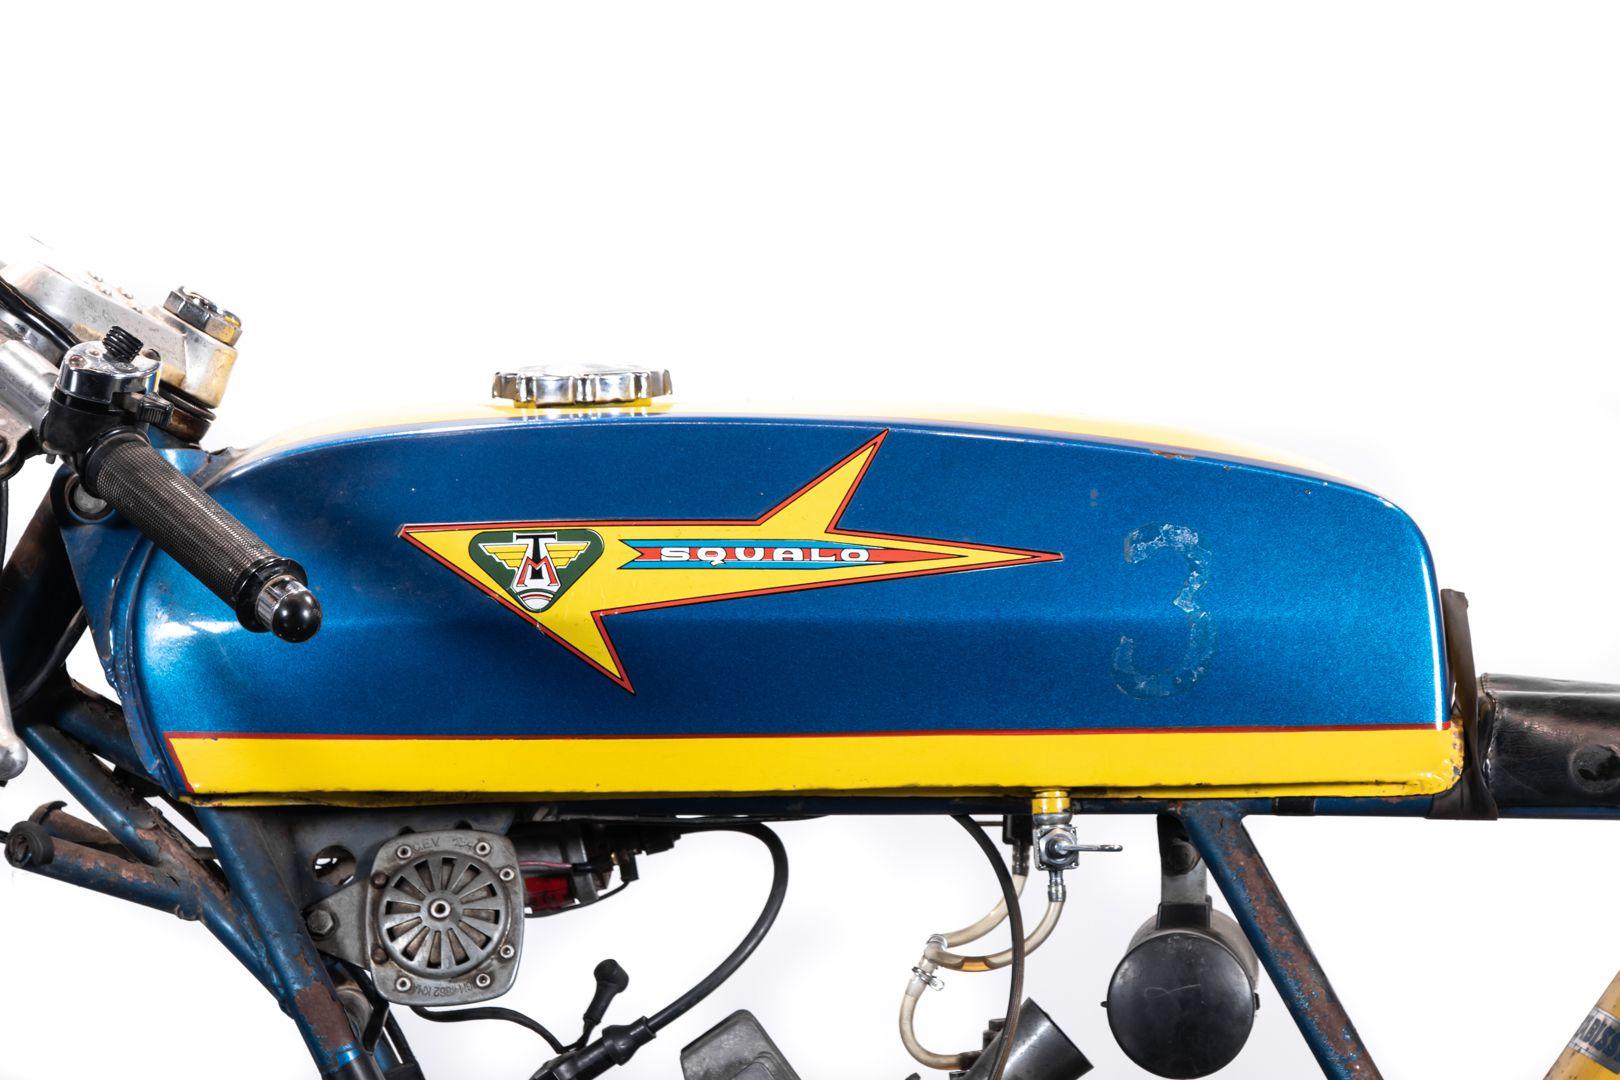 1972 Tecnomoto Squalo  72084